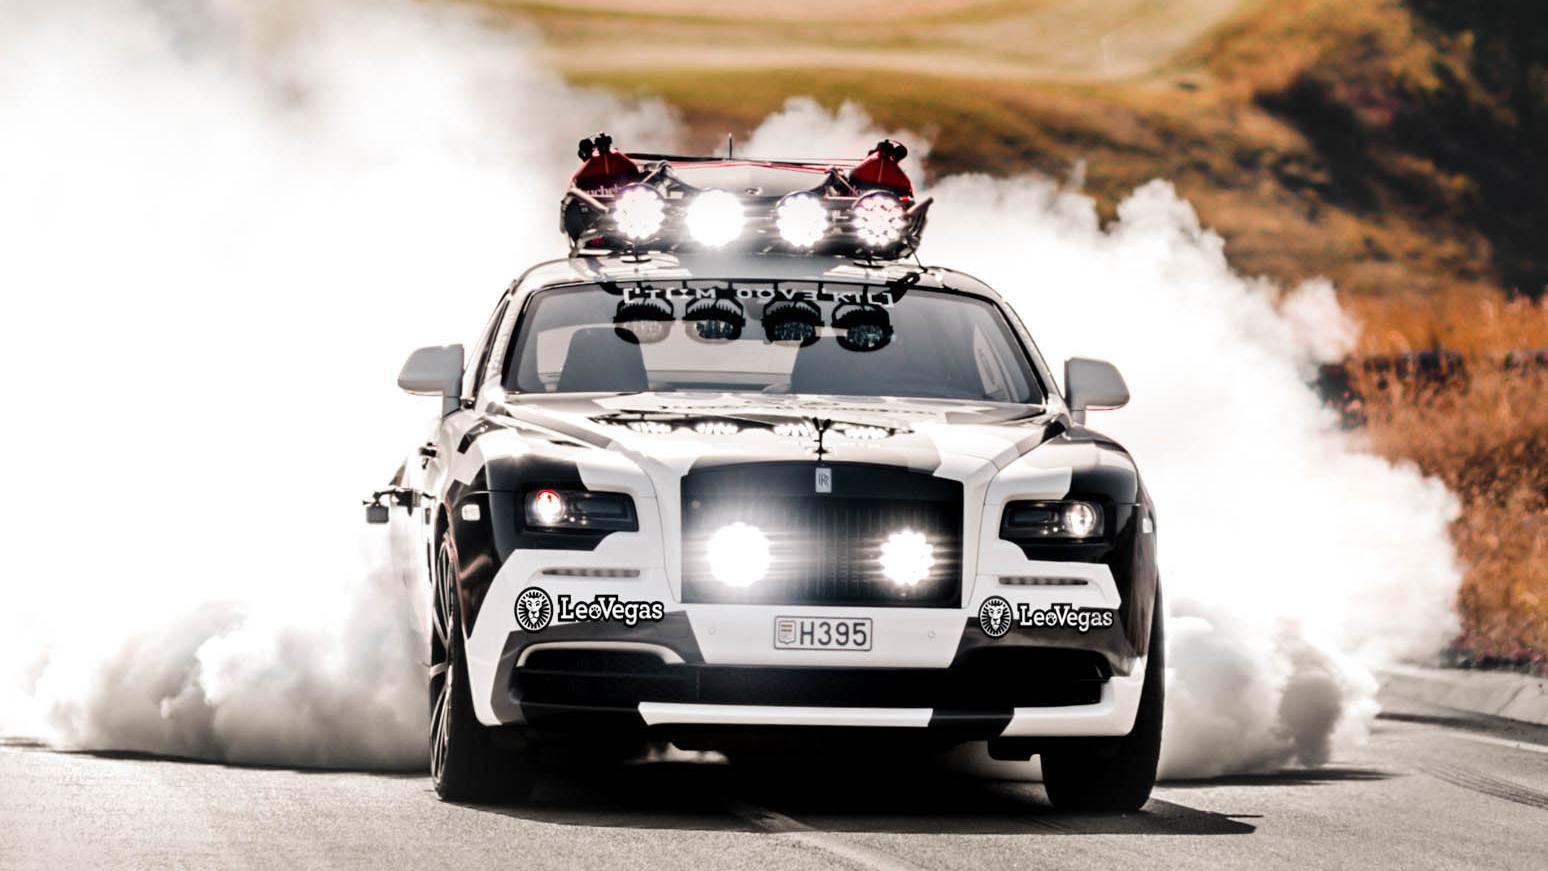 Rolls Royce Wraith custom build front